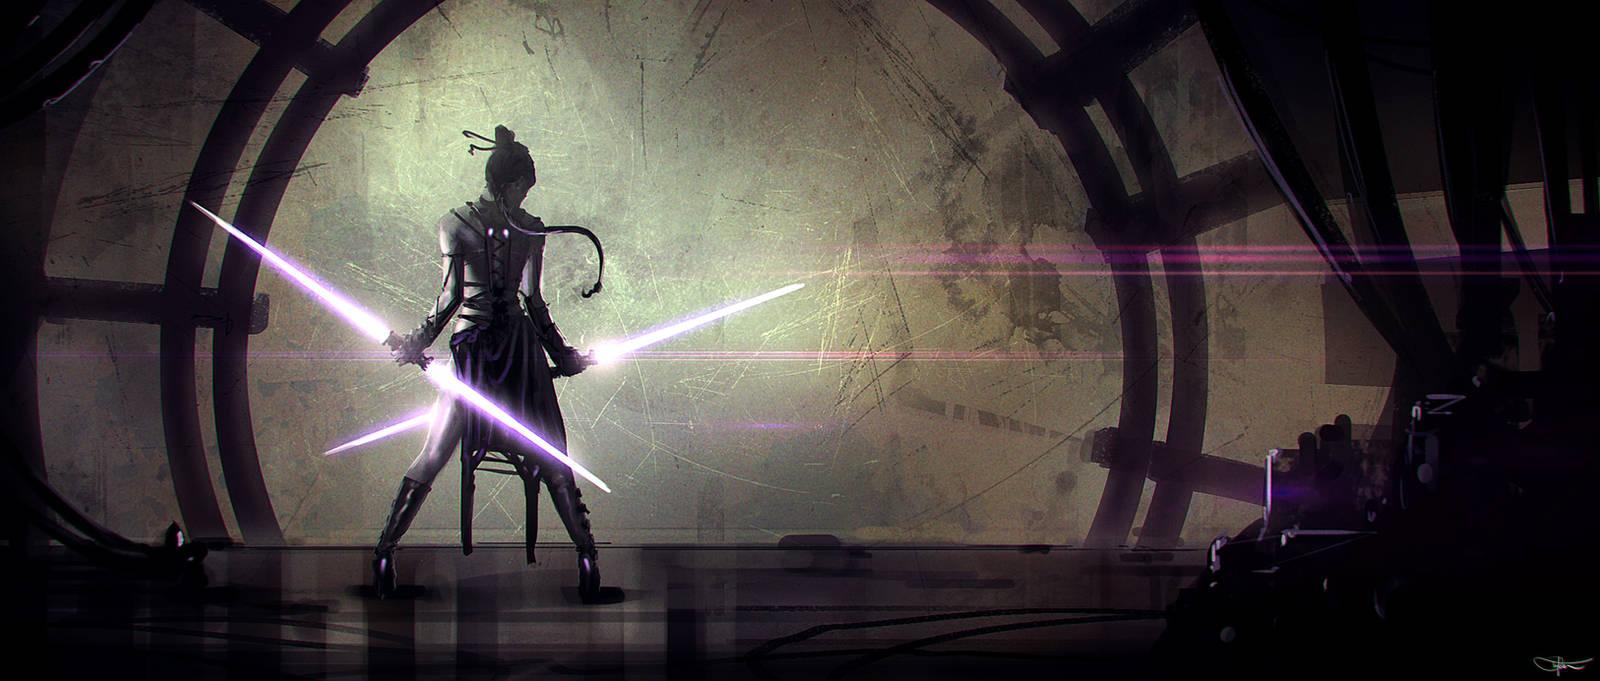 Jedi Master by artificialdesign